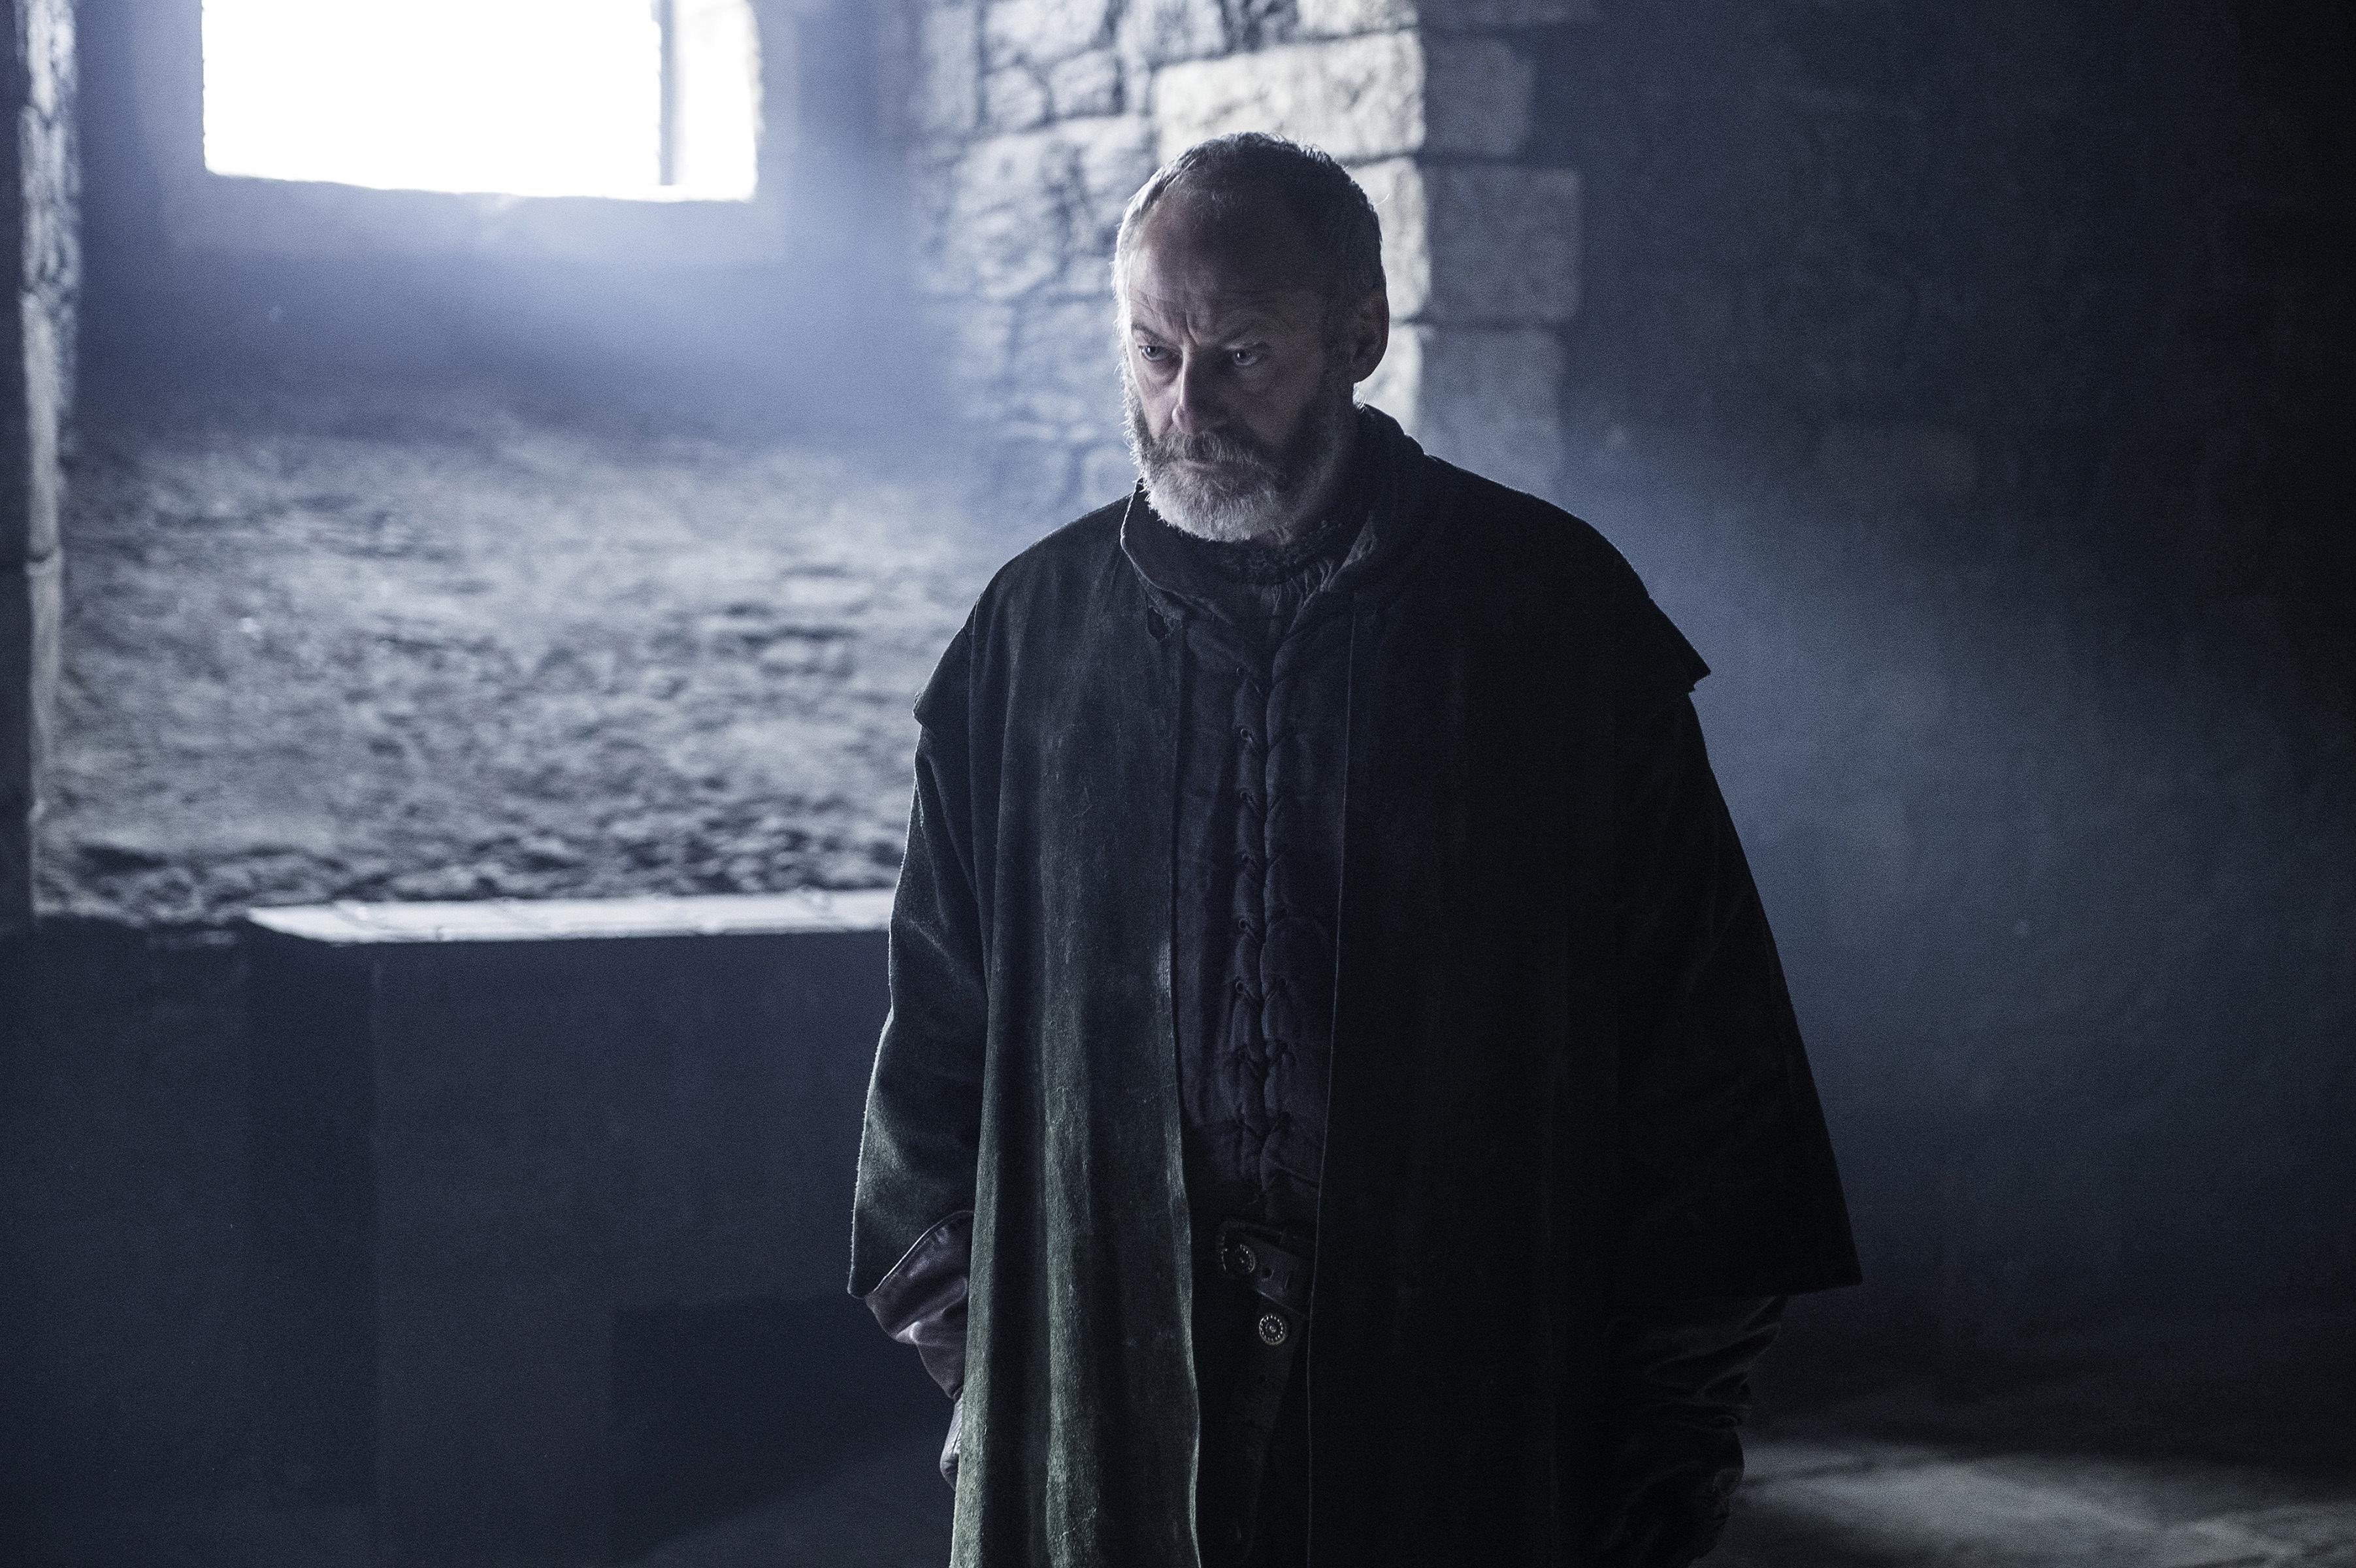 Liam Cunningham in Game of Thrones season 6, episode 10.